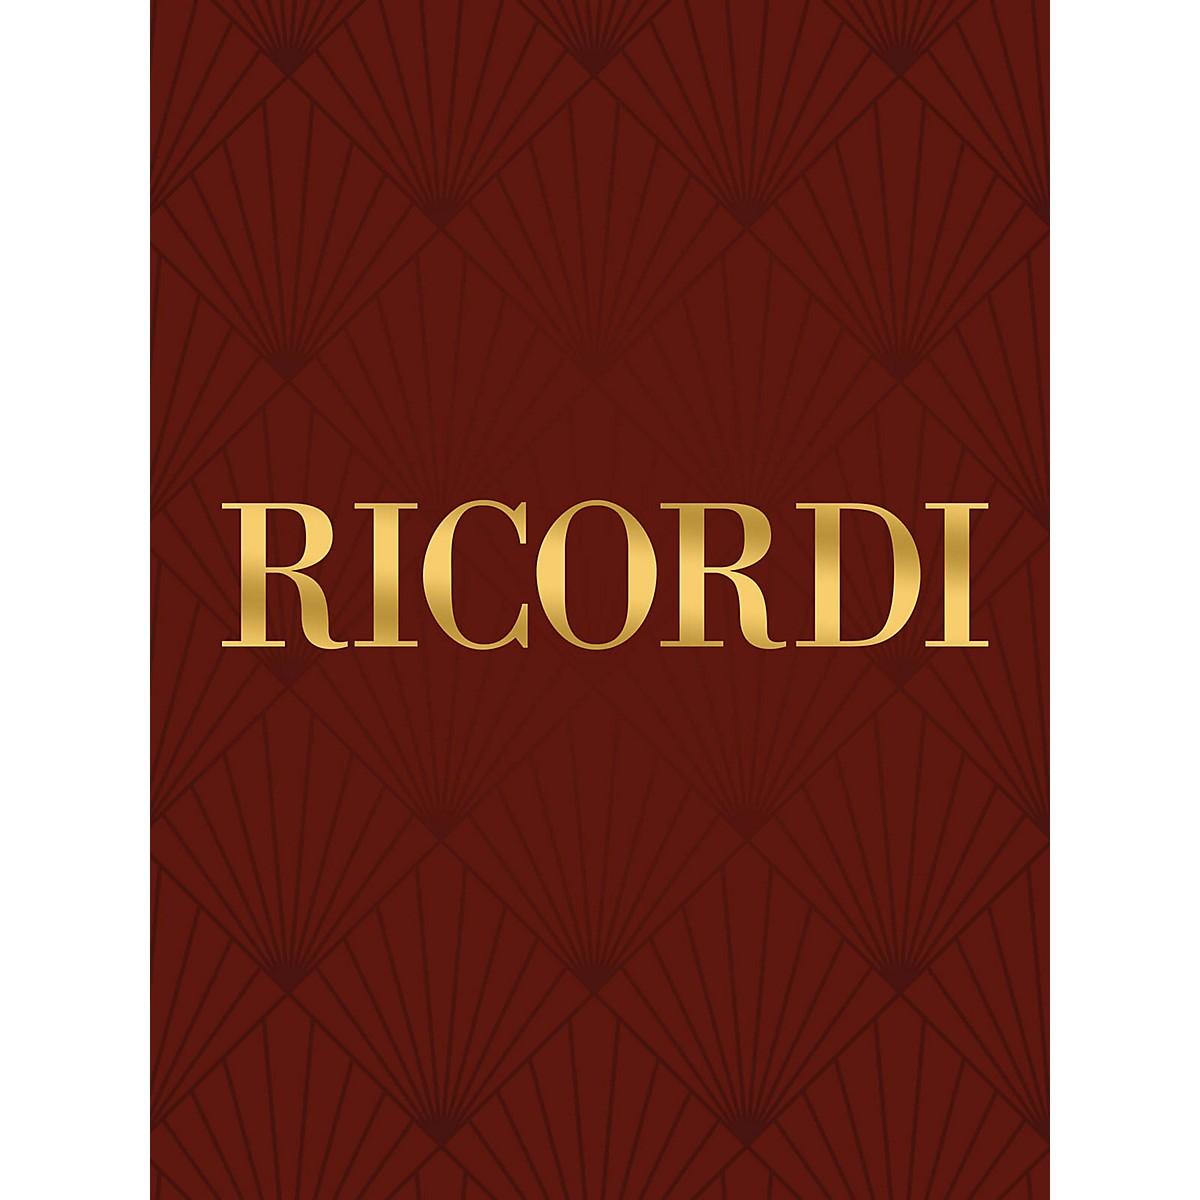 Ricordi Concertino (Piano Reduction) Brass Solo Series Composed by Ennio Porrino